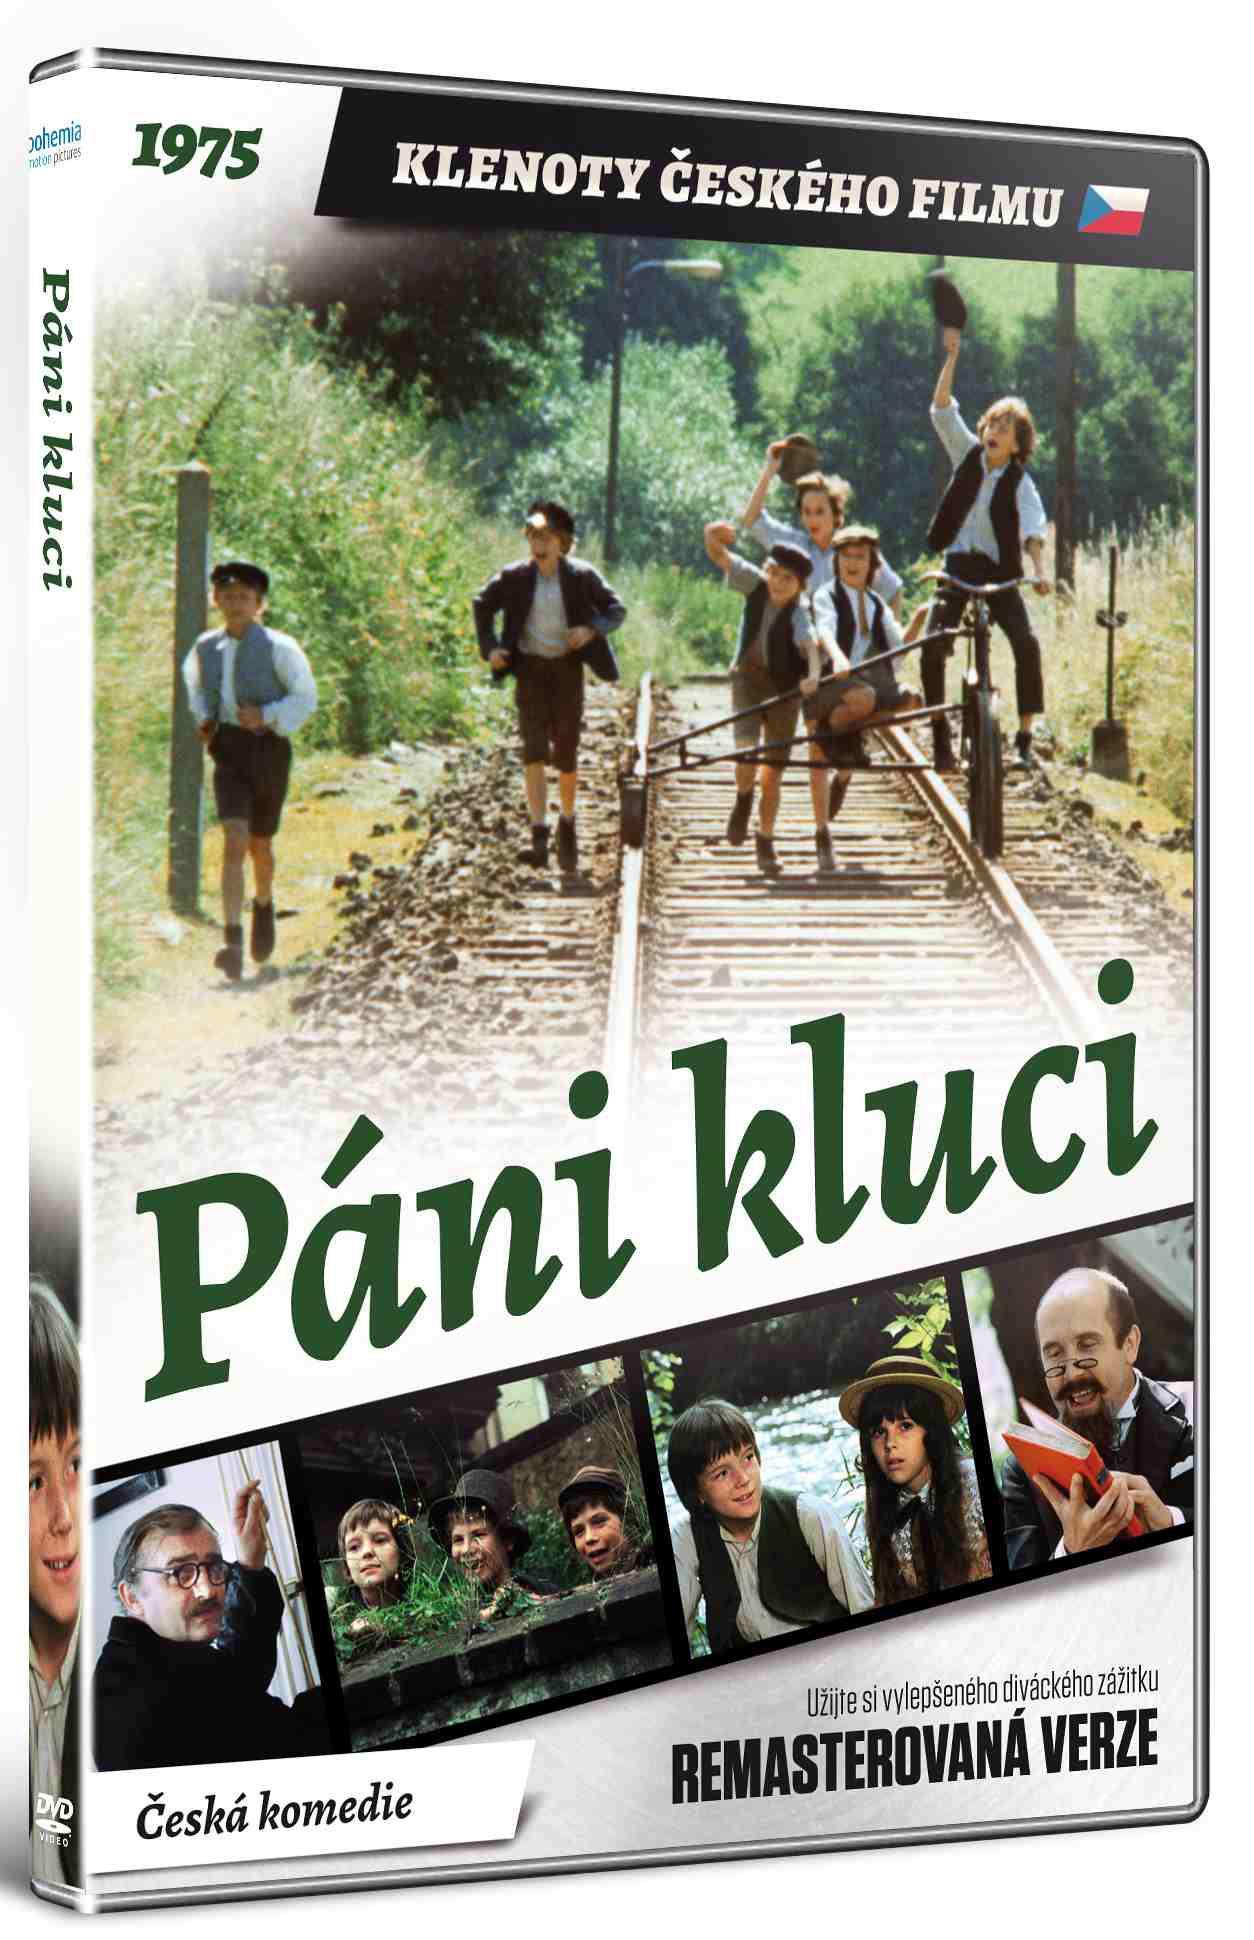 PÁNI KLUCI (Remasterovaná verze) - DVD